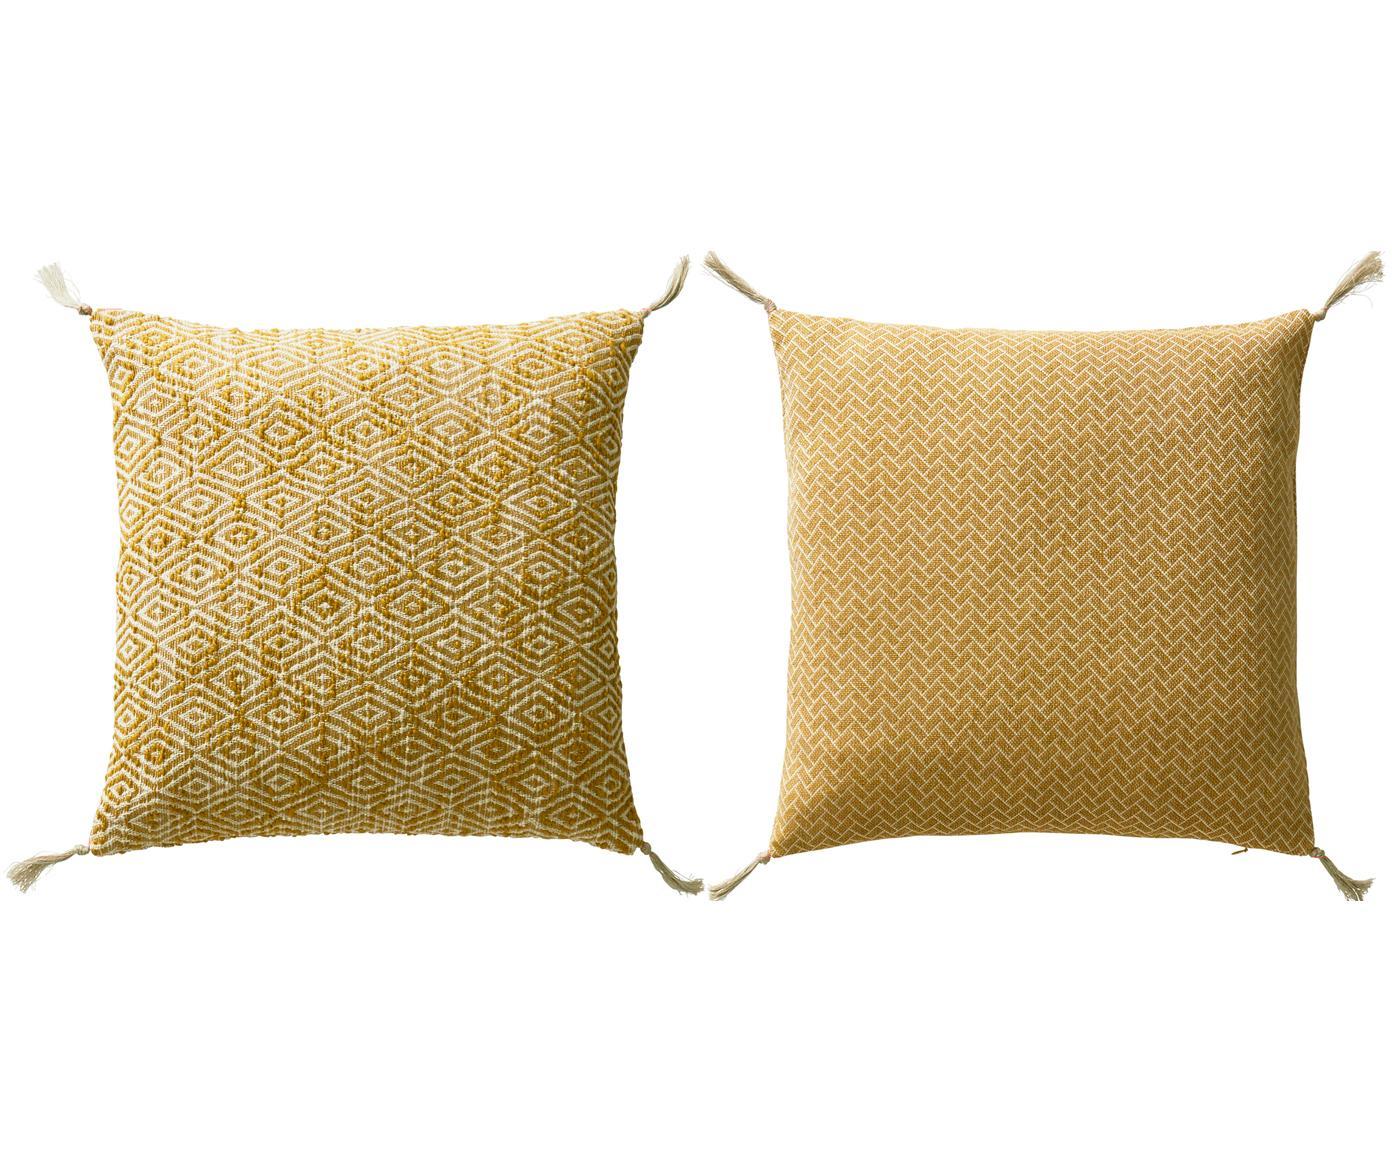 Komplet poszewek na poduszkę z chwostami Fancy, 2elem., Bawełna, Żółty, kremowy, S 45 x D 45 cm